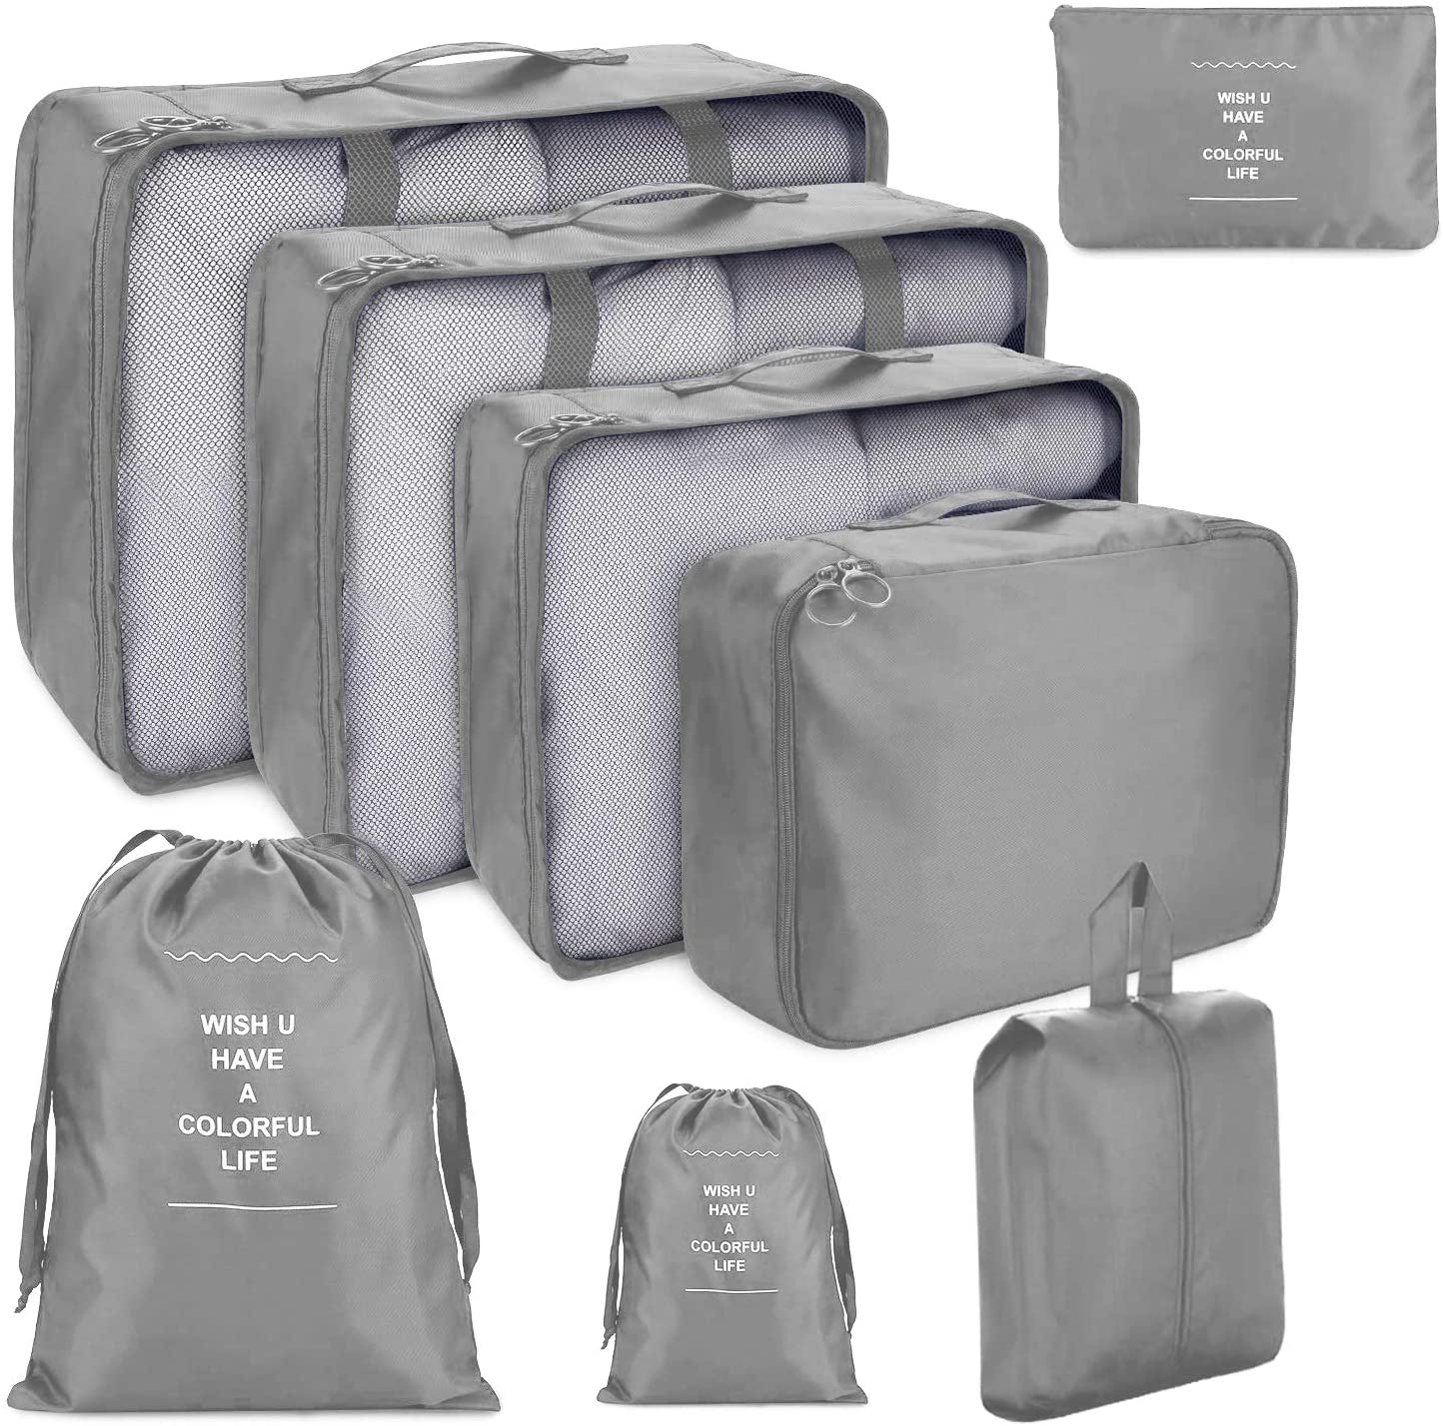 8 PCS Organizadores de Viaje para Maletas, Bolsas de Equipaje Impermeable Cubos Embalaje de Viaje Bolsas de Almacenamiento para Ropa Zapatos, Cosméticos Accesorios (Gris)